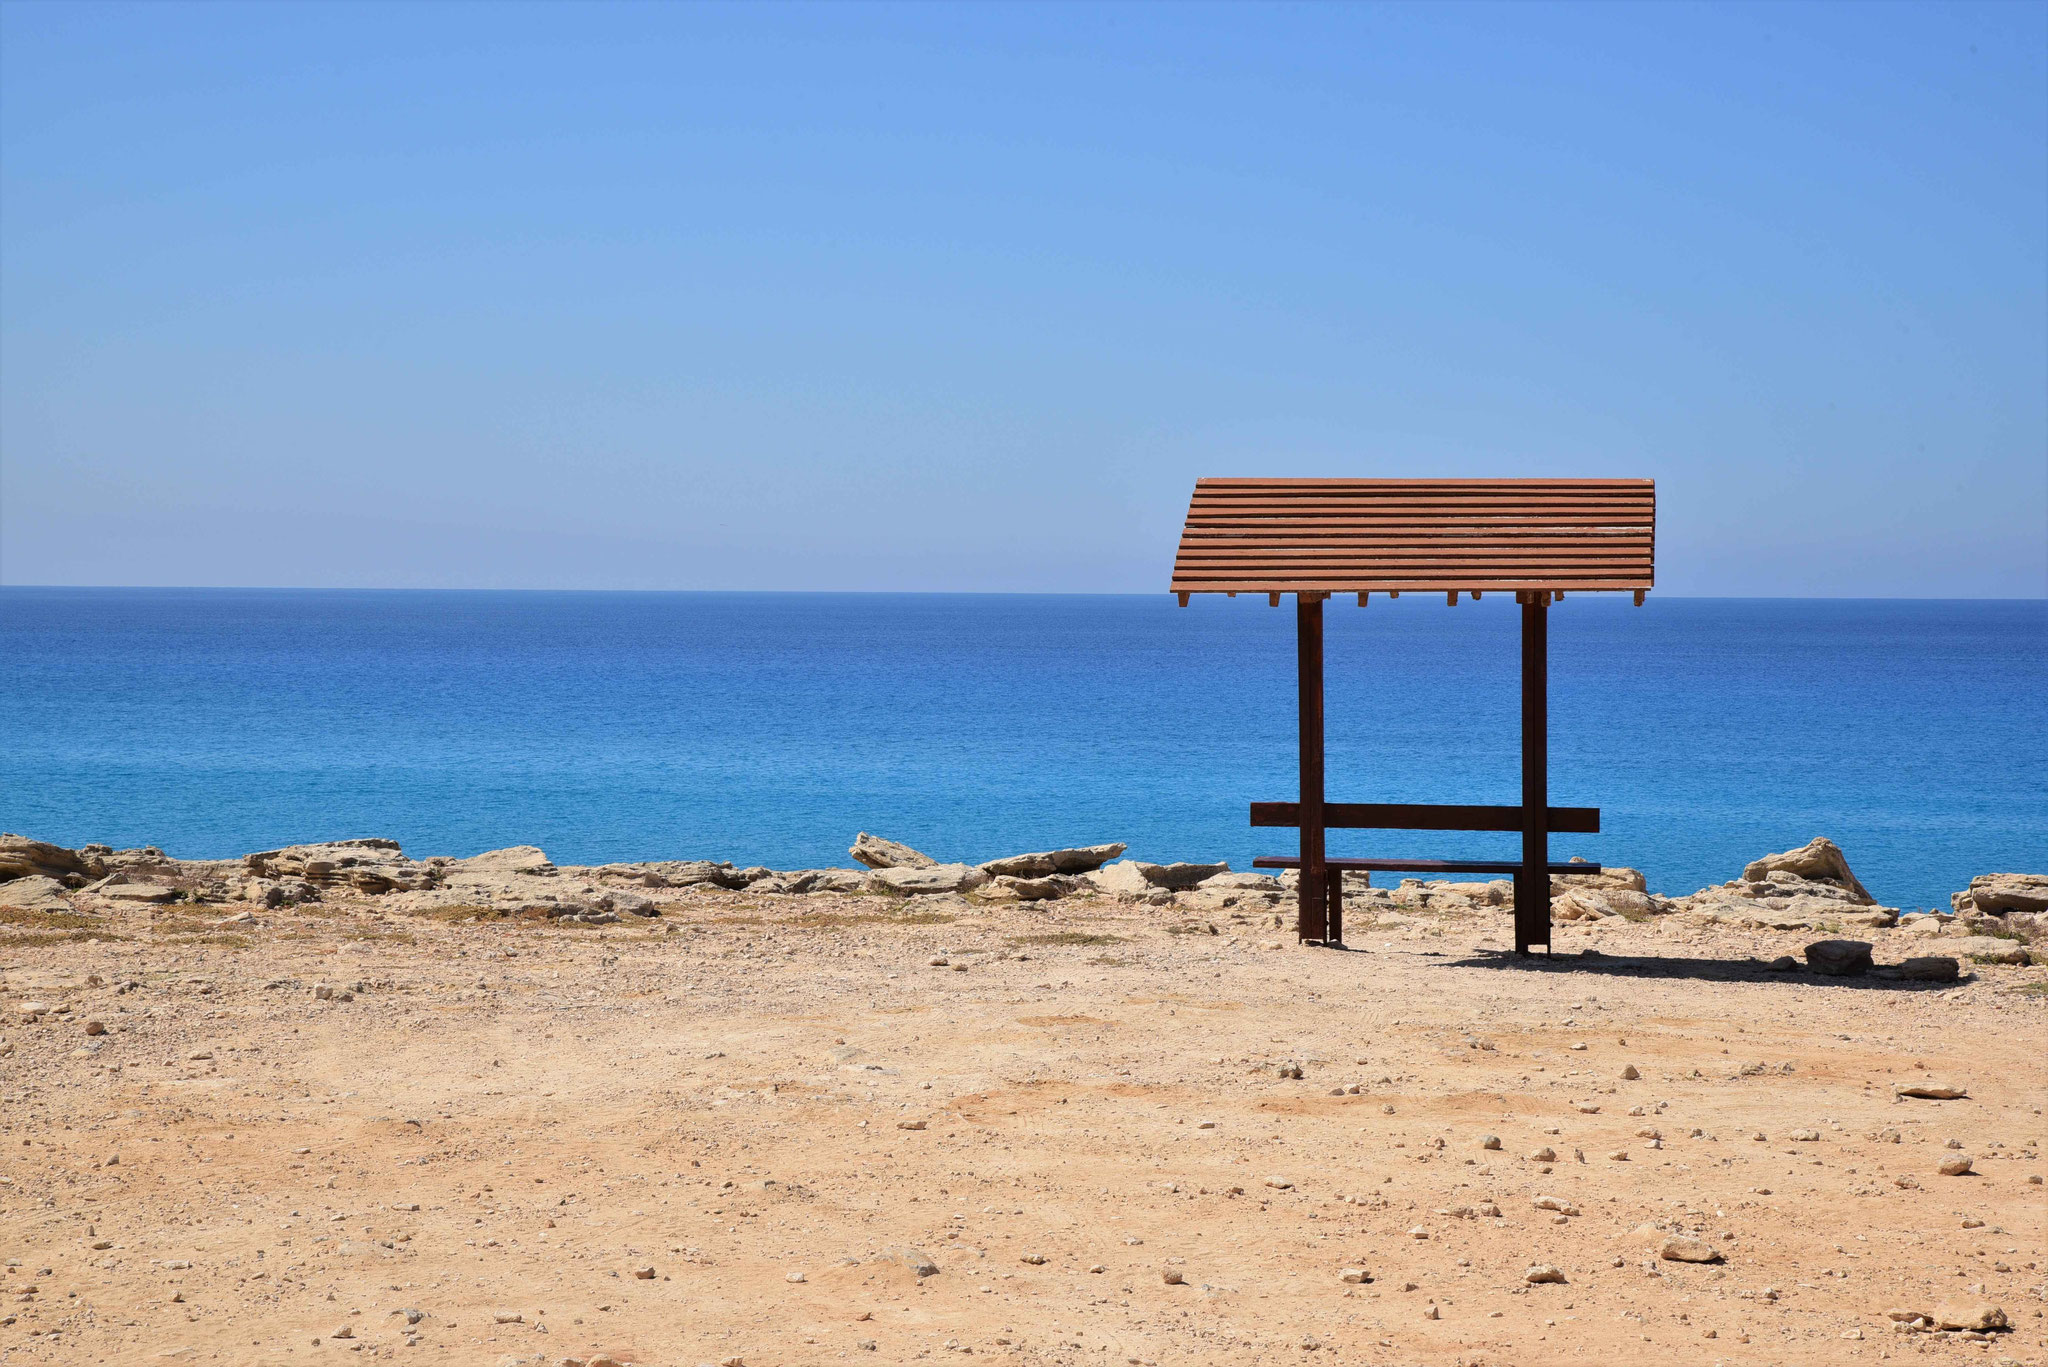 Blick aufs Meer mit einem kleinen Schattenspender